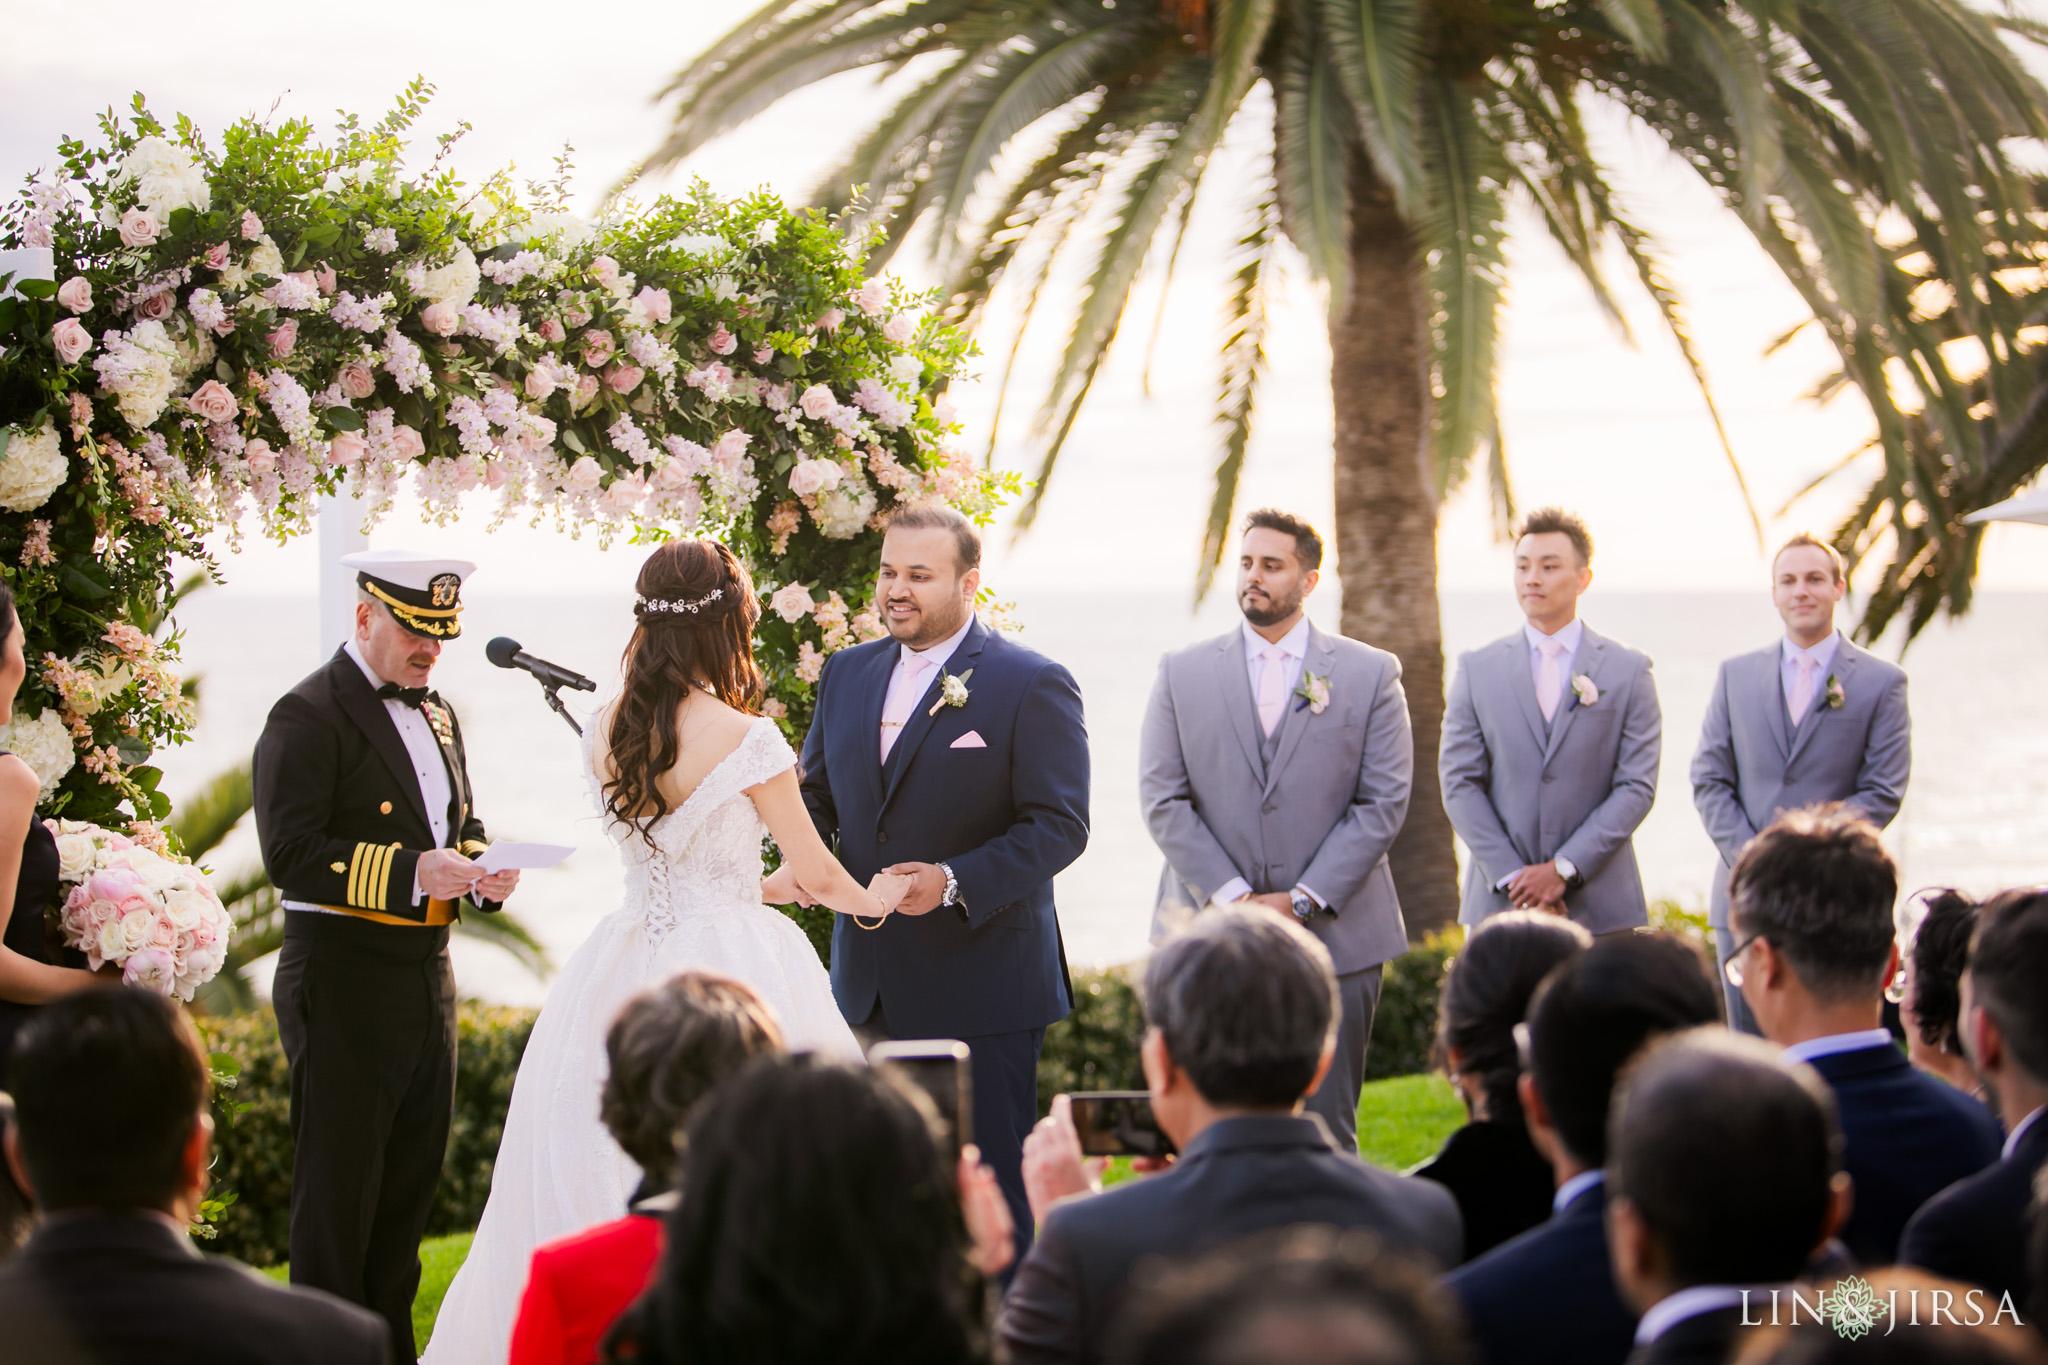 19 Bel Air Bay Club Los Angeles Wedding Photography